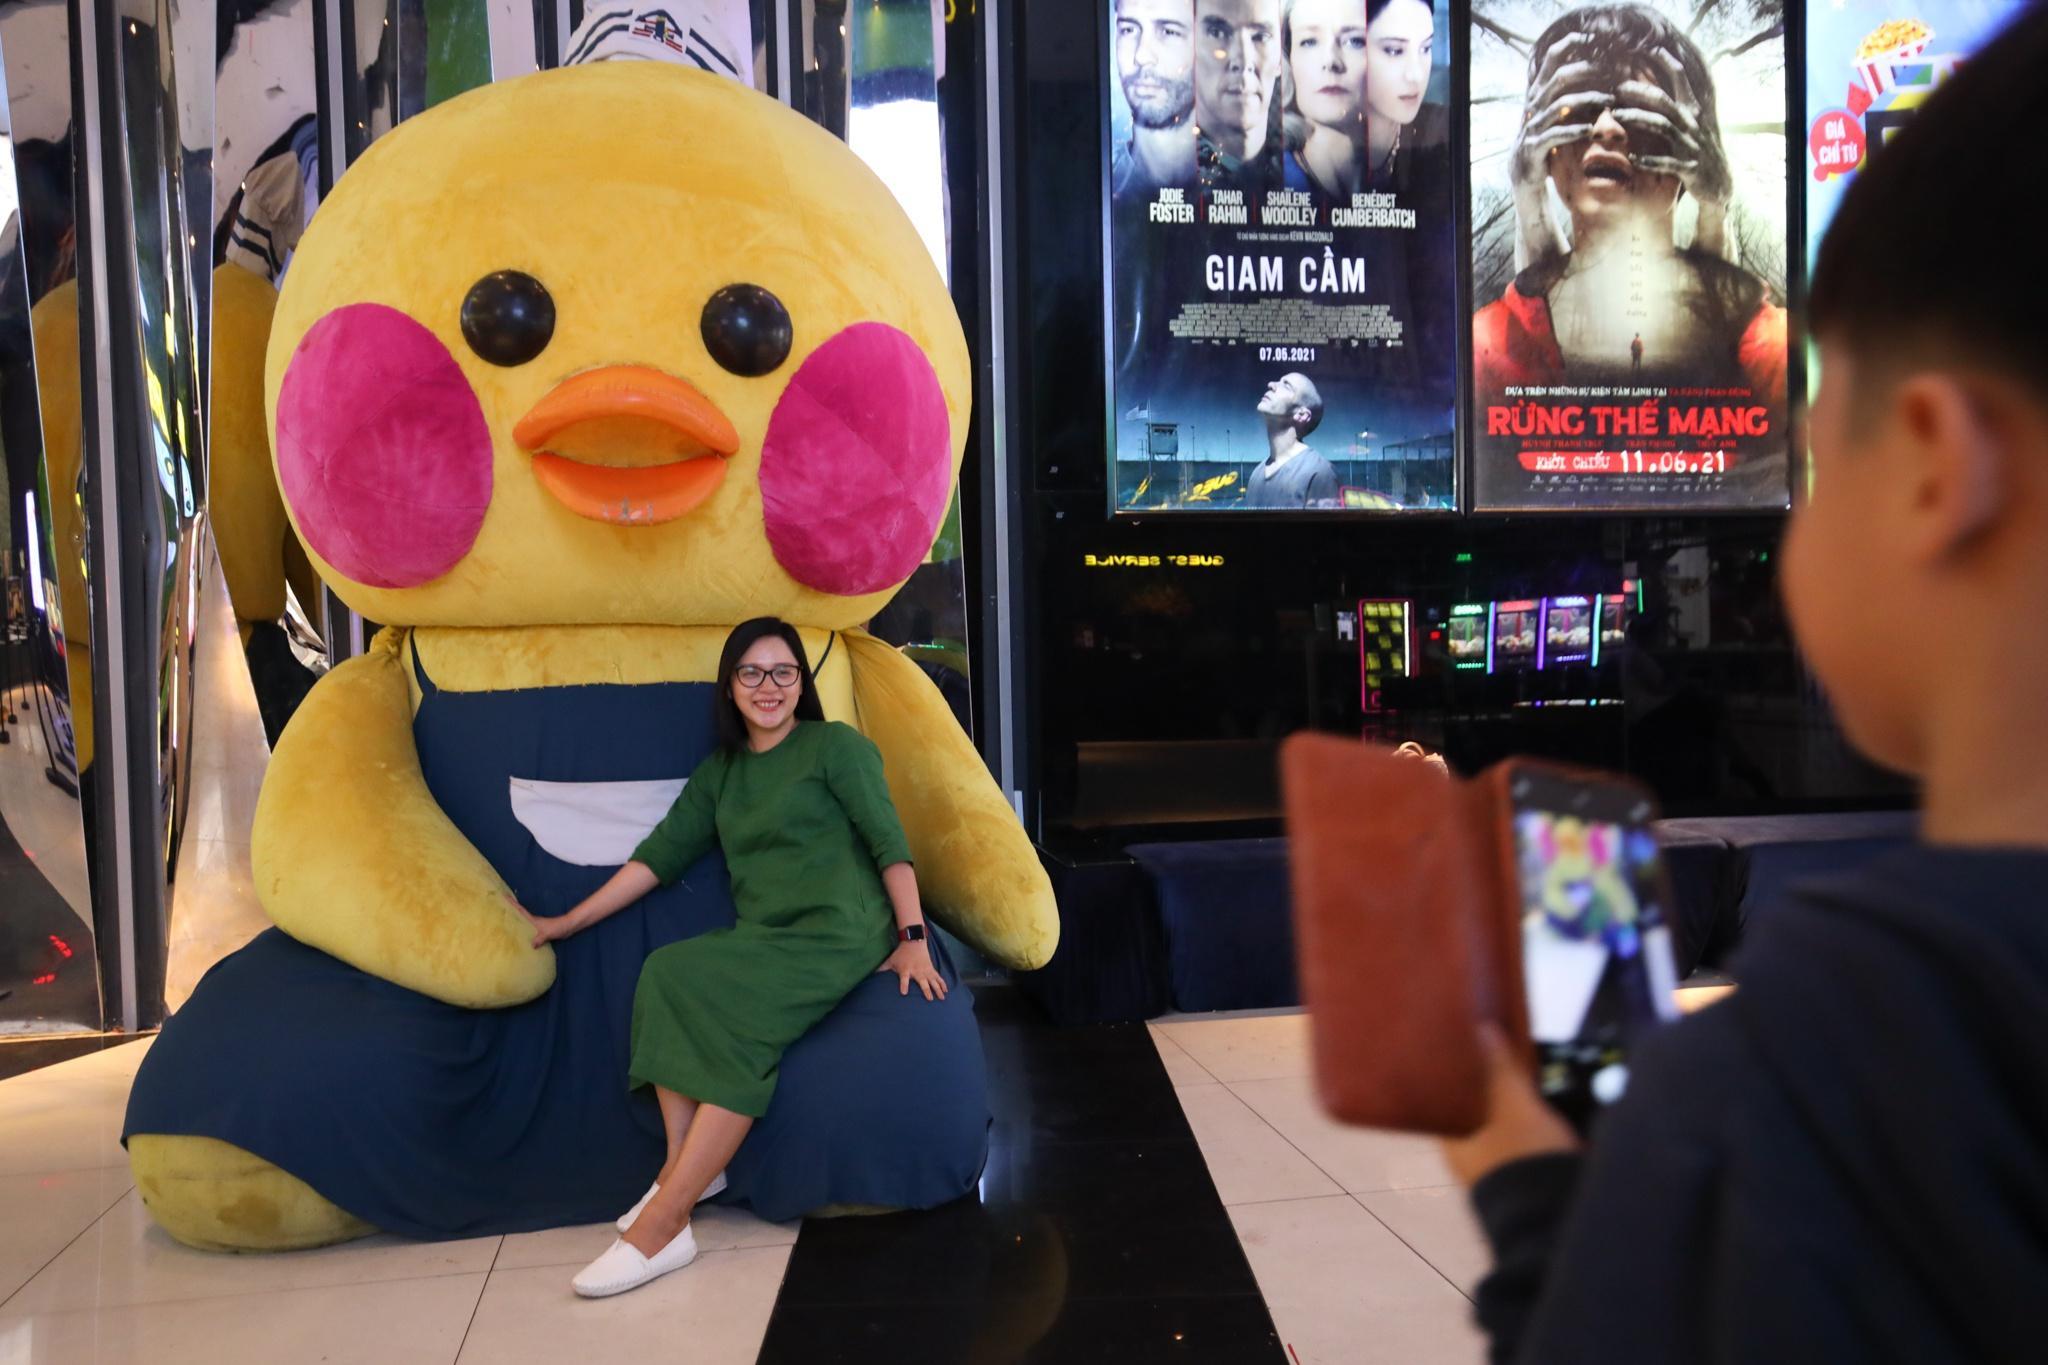 Khách xếp hàng chờ hoàn vé trước giờ rạp phim TP.HCM đóng cửa Ảnh 8